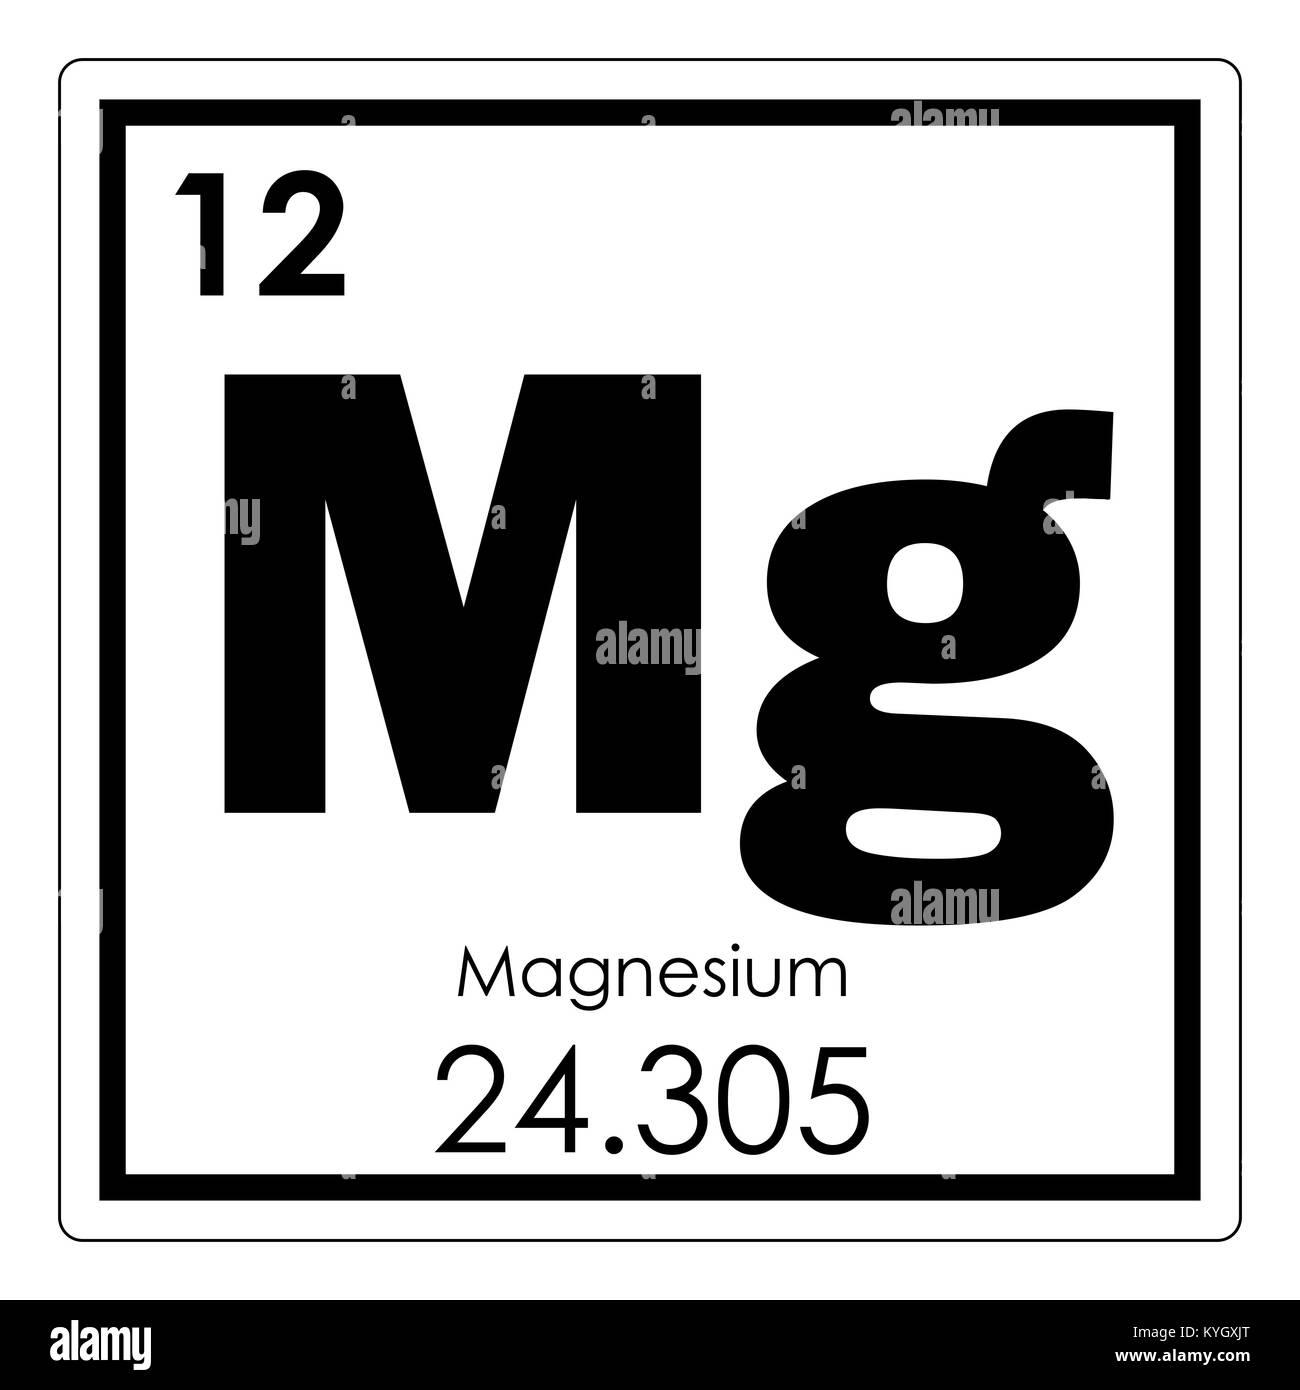 Magnesium chemical element periodic table science symbol stock photo magnesium chemical element periodic table science symbol urtaz Images